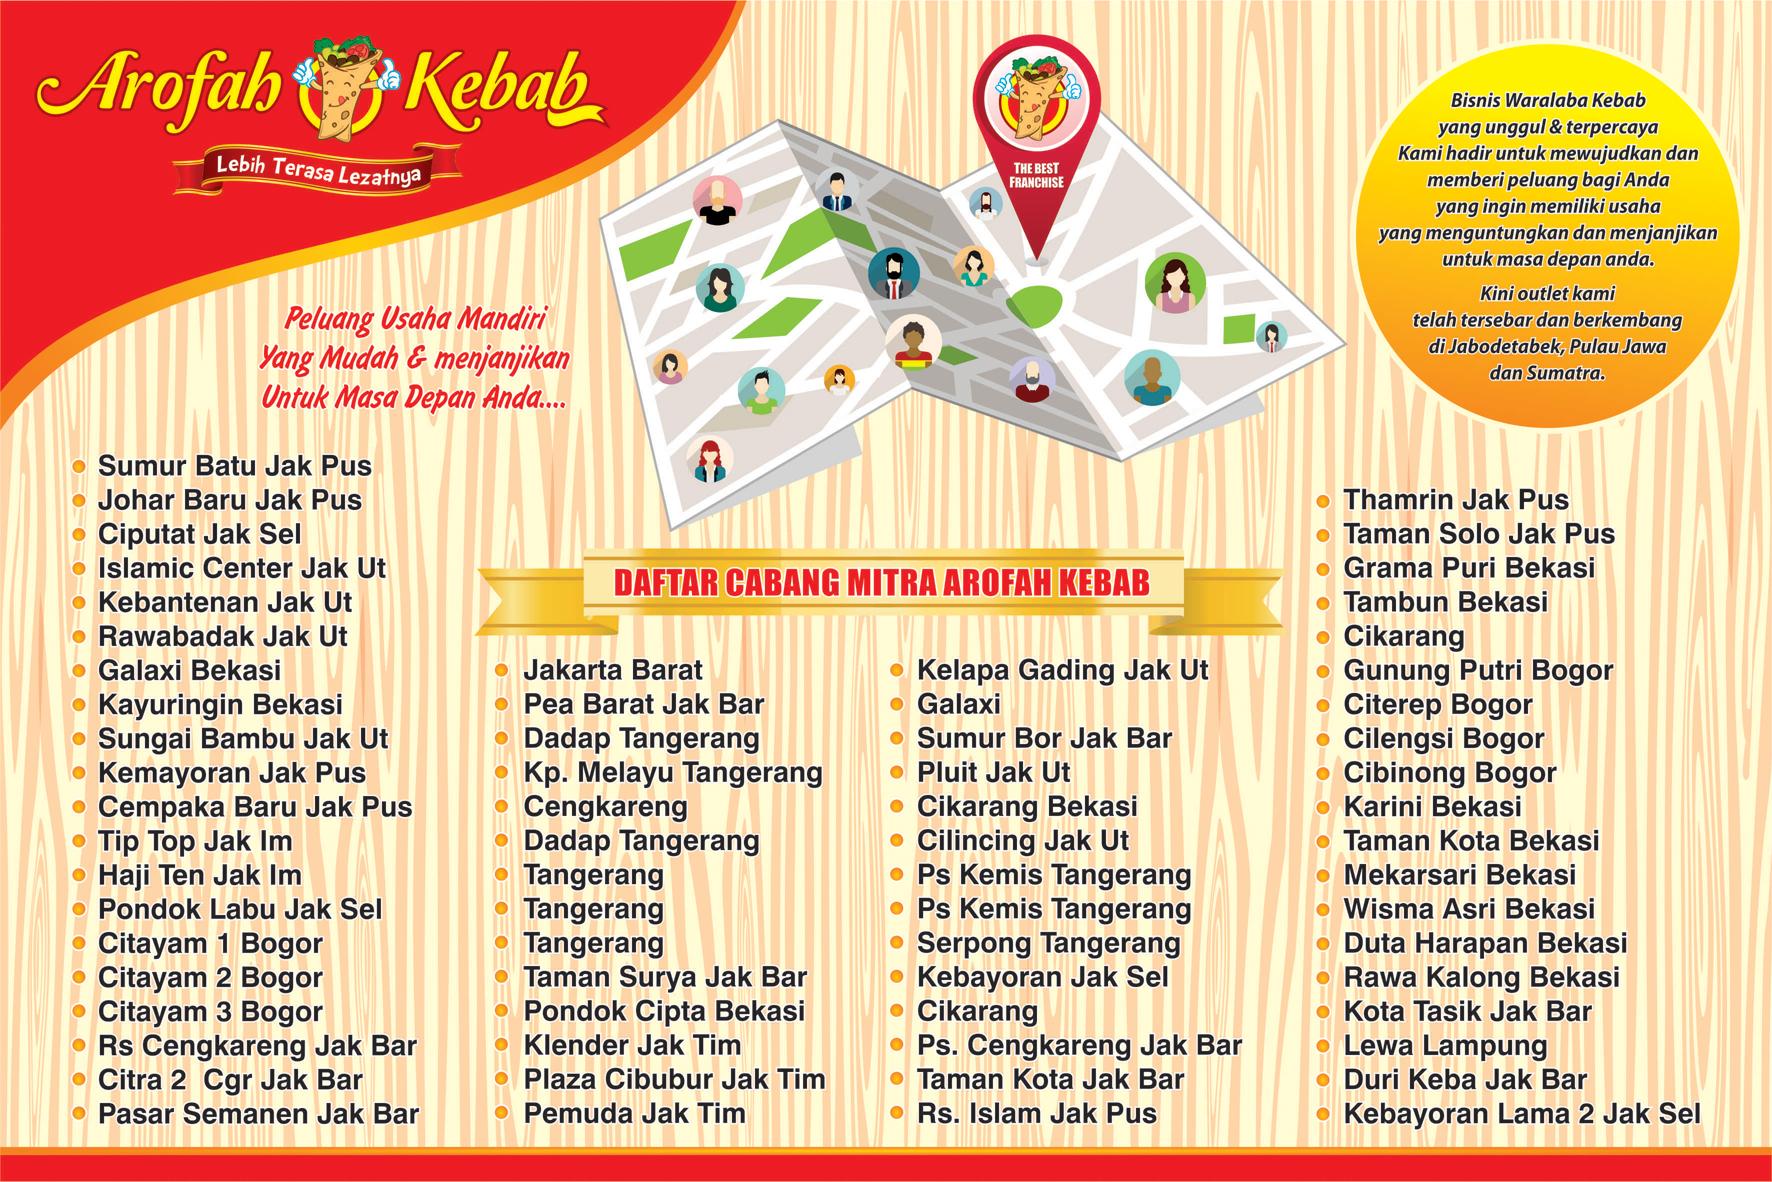 Franchise-Kebab